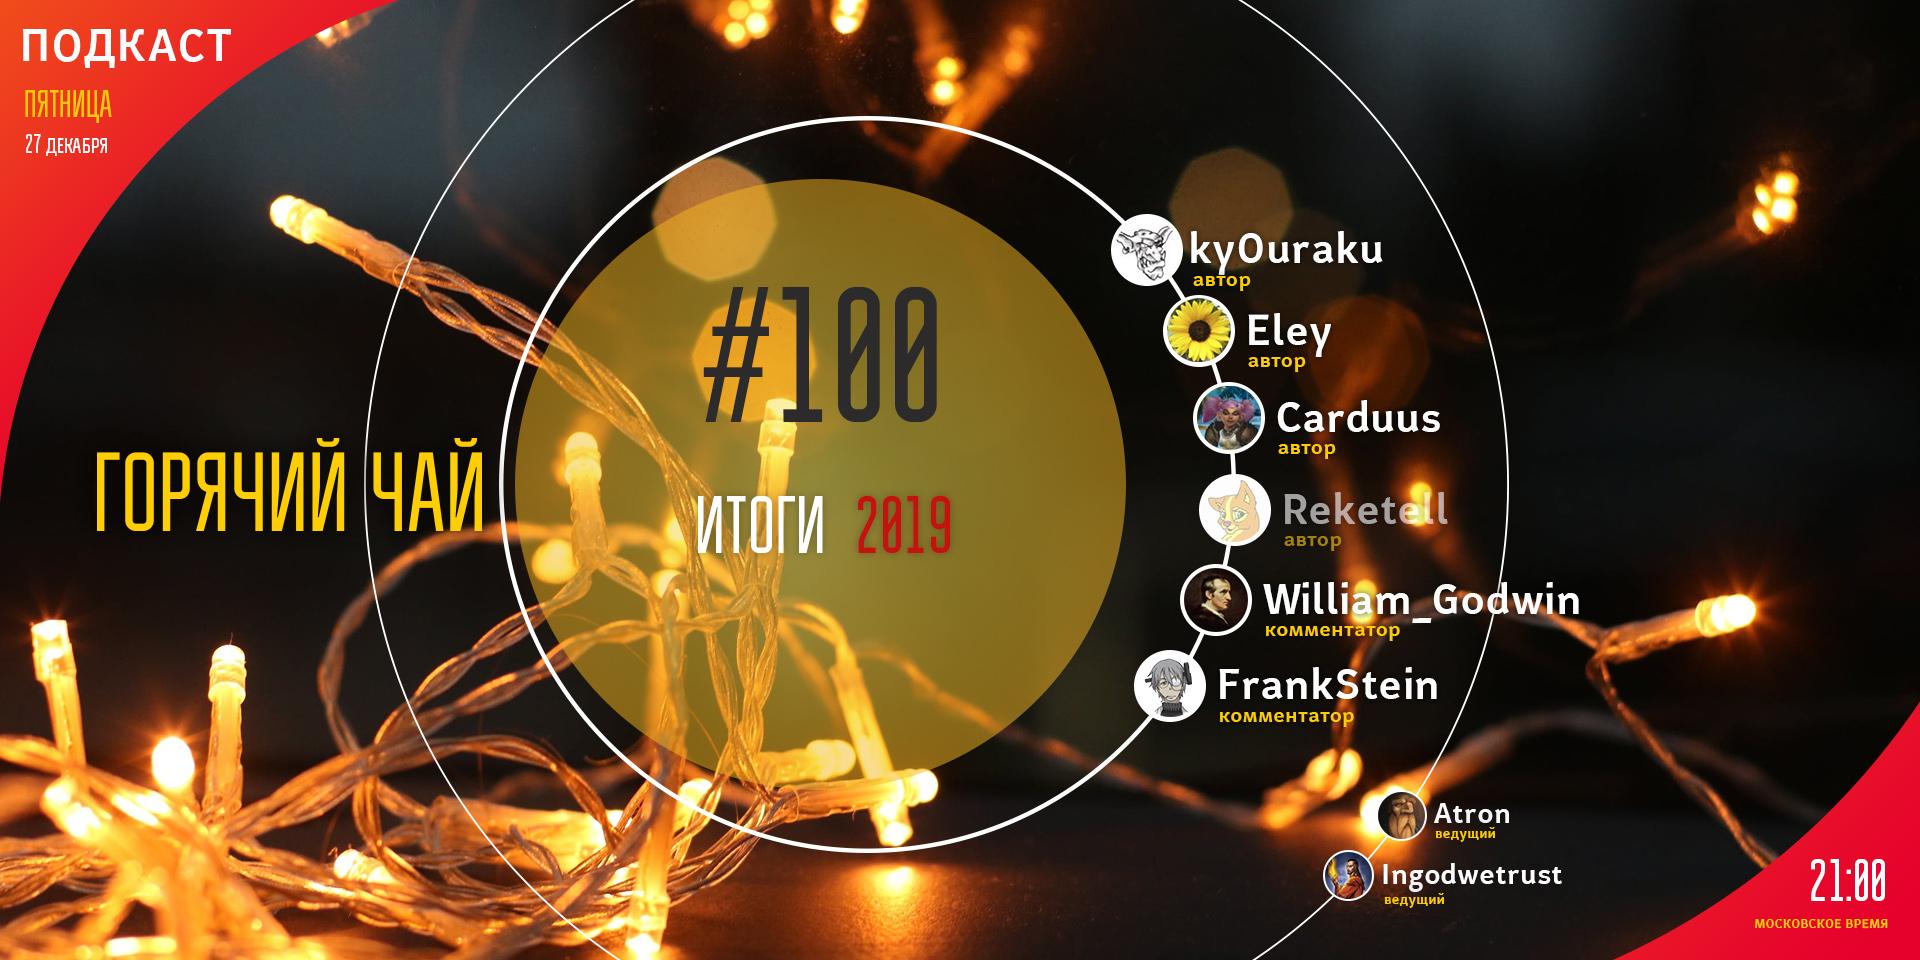 Горячий Чай: Анонс: #100 / Итоги 2019 года